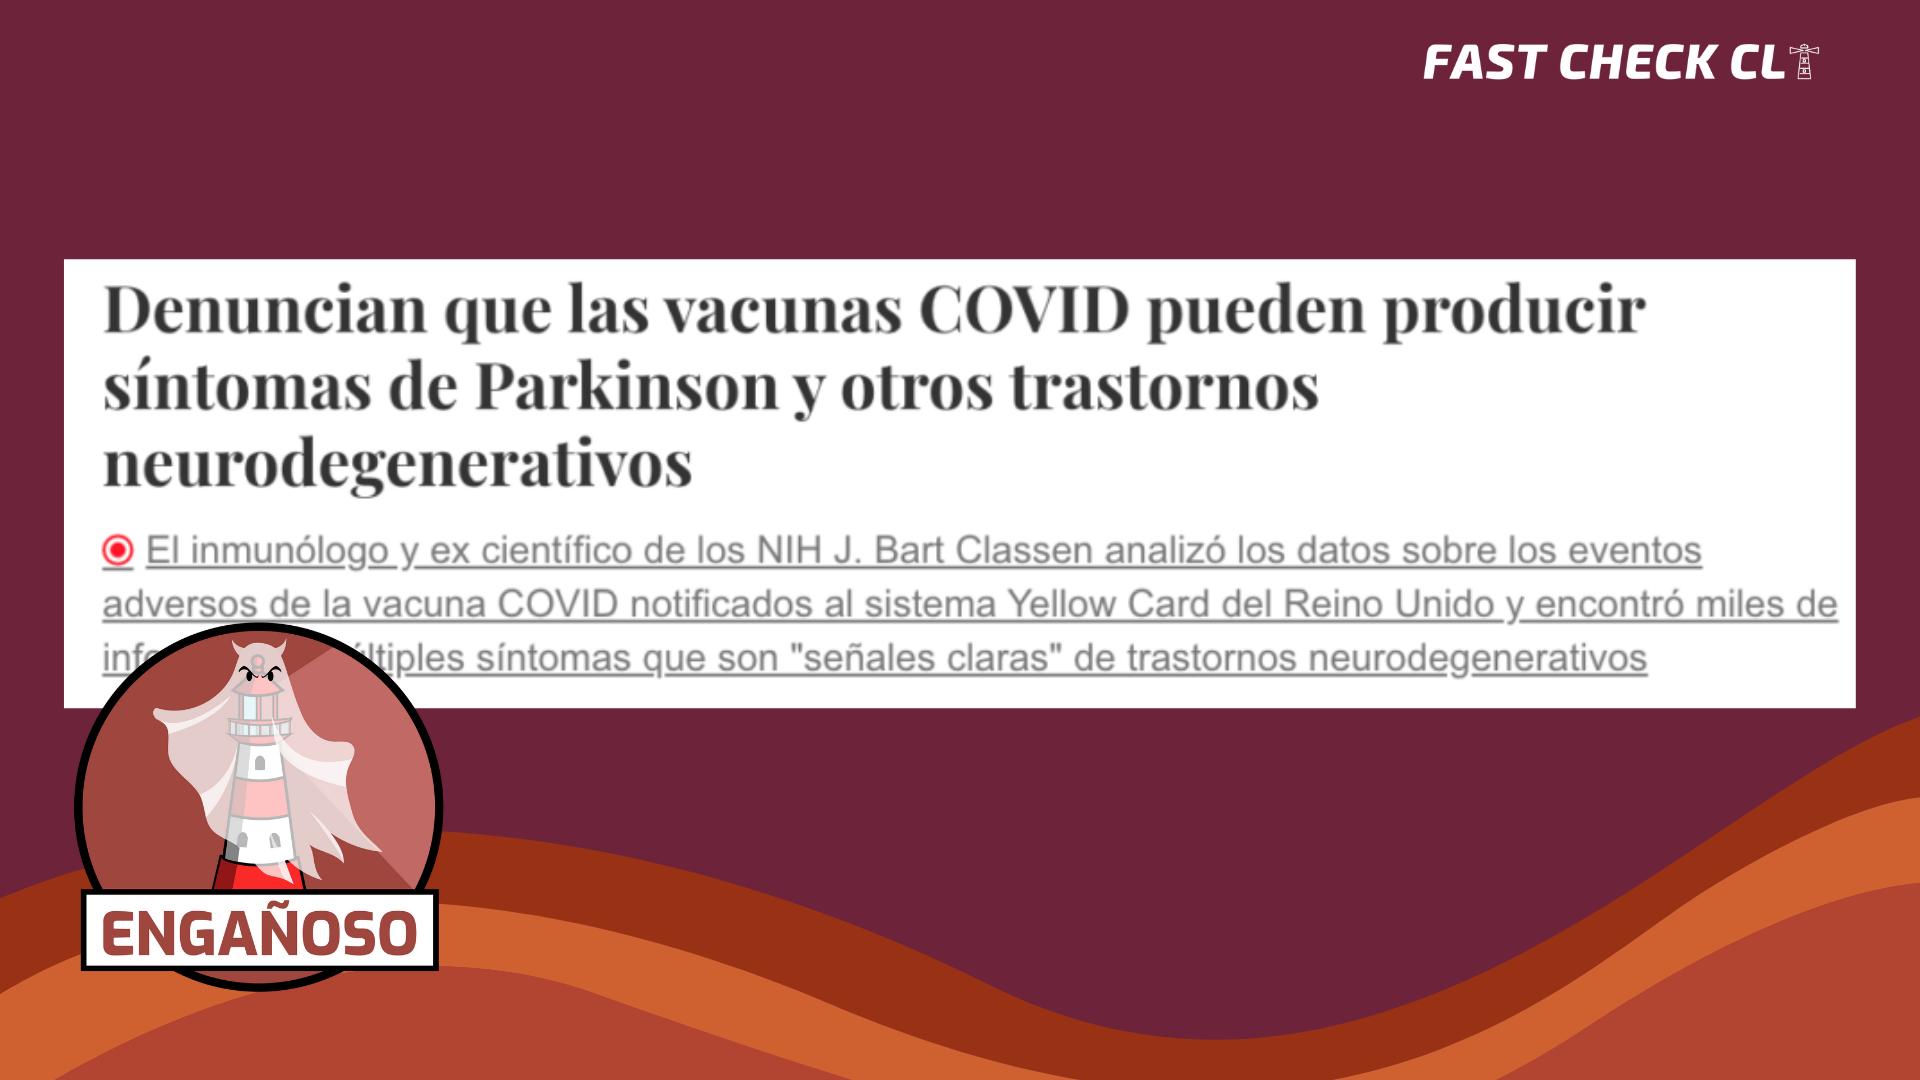 Read more about the article Las vacunas Covid-19 pueden producir síntomas de Parkinson y otros trastornos neurodegenerativos: #Engañoso